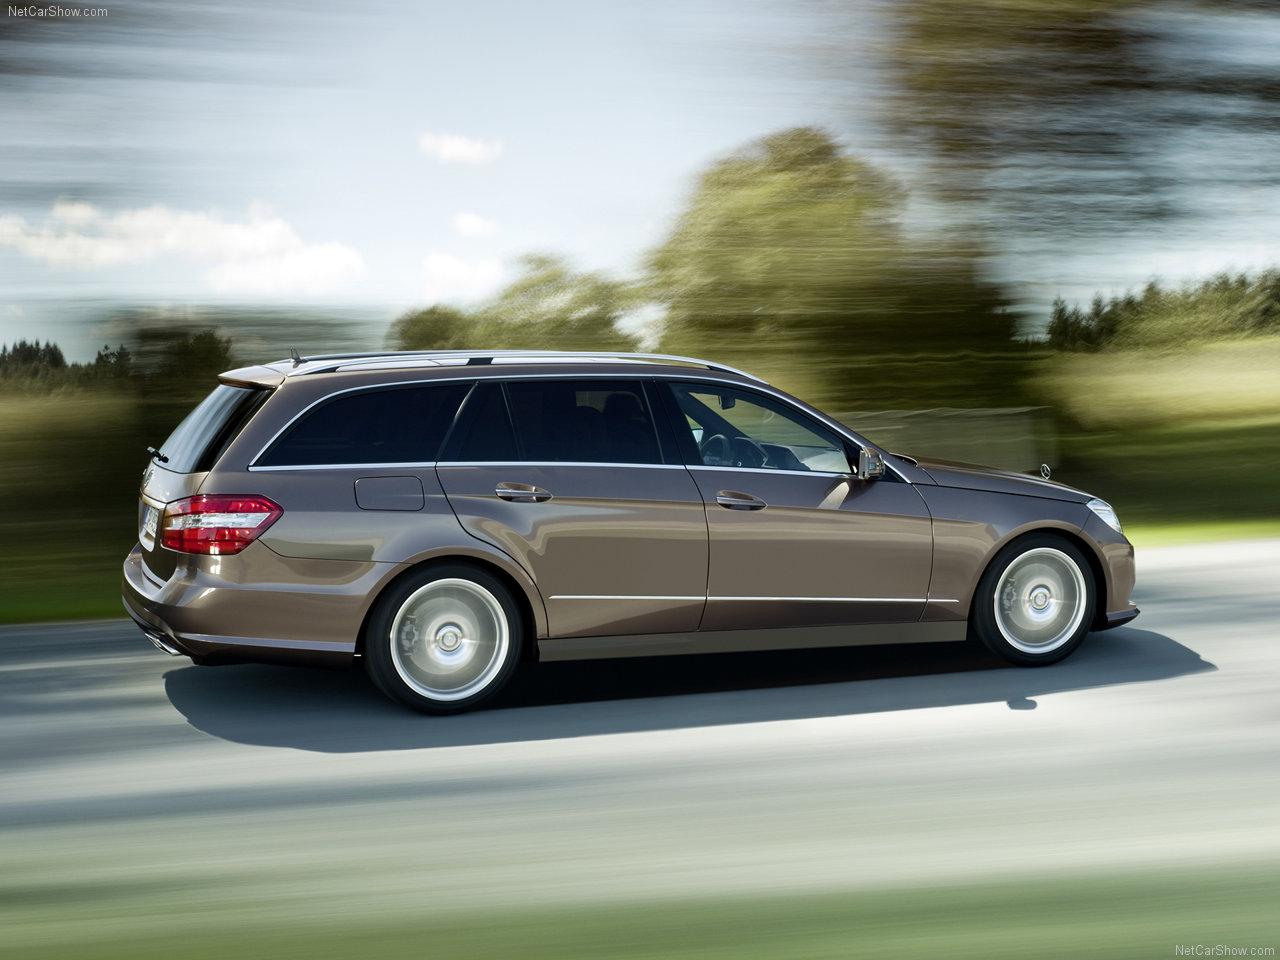 http://4.bp.blogspot.com/-ngeSkI15bX8/TWX7189FNVI/AAAAAAACK4Q/iMc_xbc2pc4/s1600/Mercedes-Benz-E-Class_Estate_AMG_Sports_Package_2010_1280x960_wallpaper_08.jpg